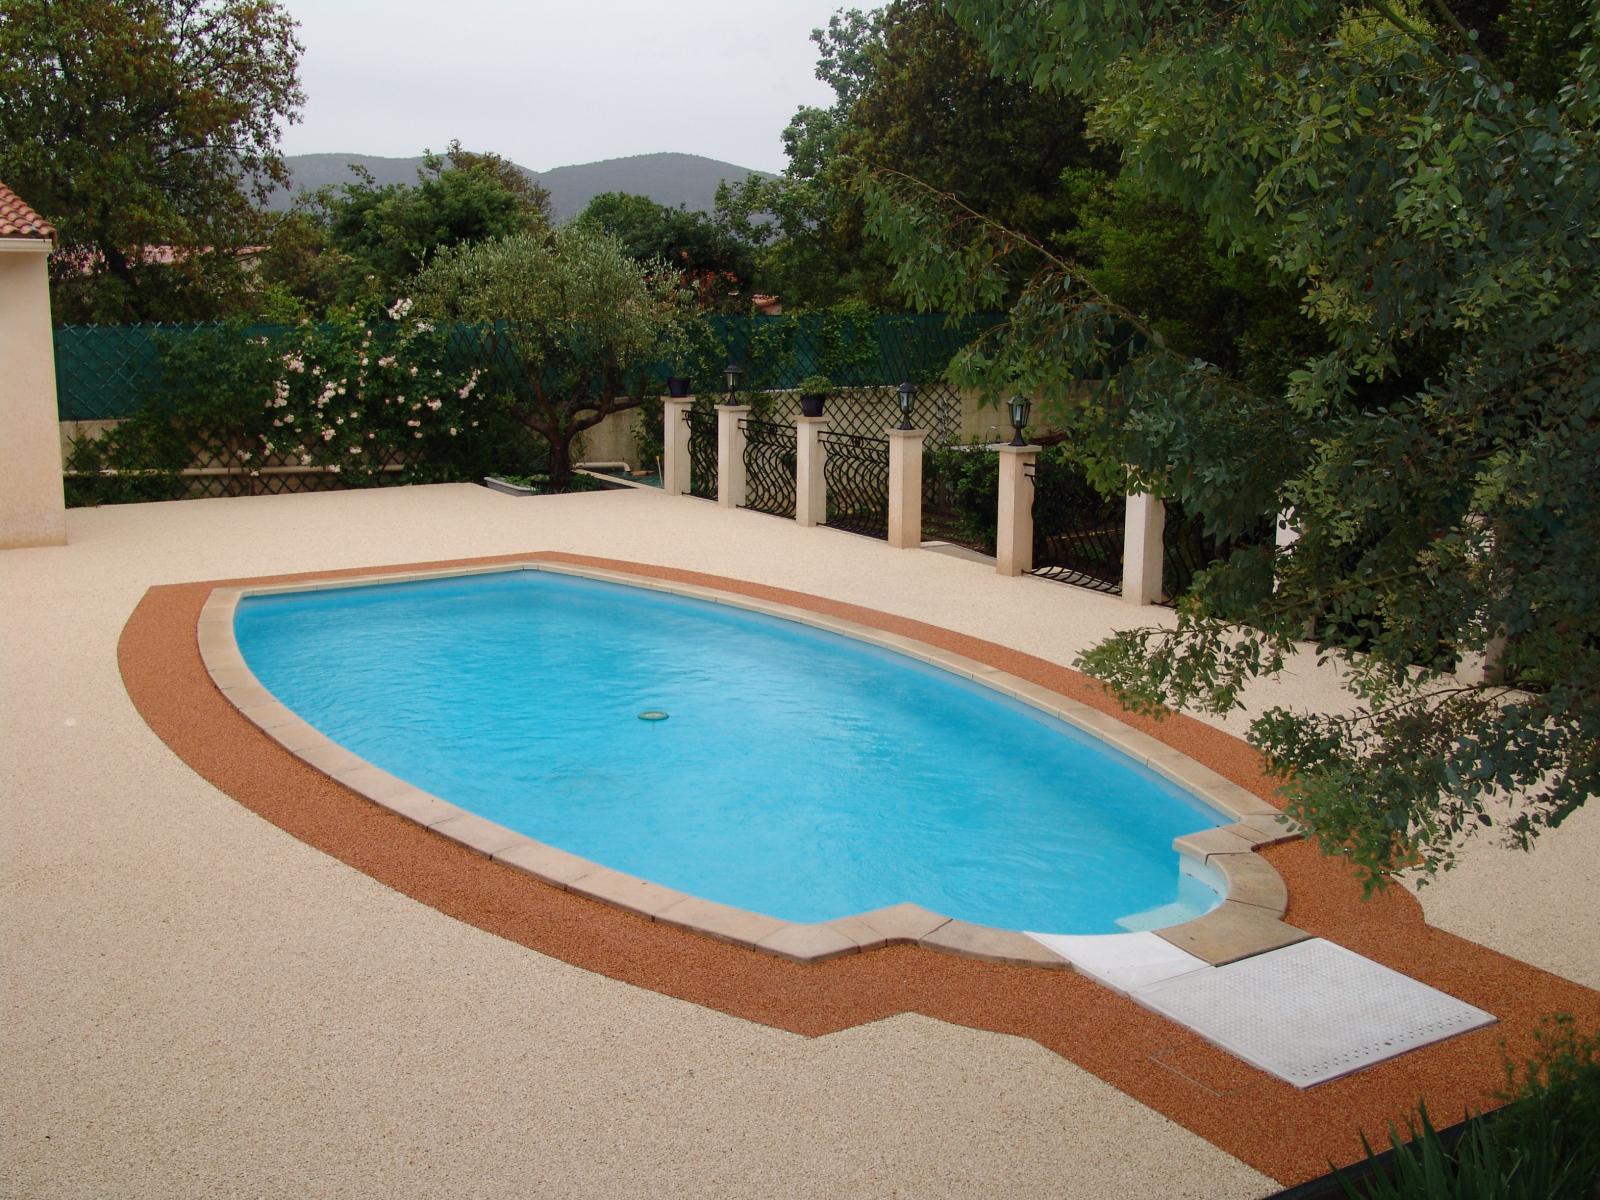 resine piscine beautiful epoxy piscine verre se rapportant a pose joint sur mosaique de ezarri. Black Bedroom Furniture Sets. Home Design Ideas